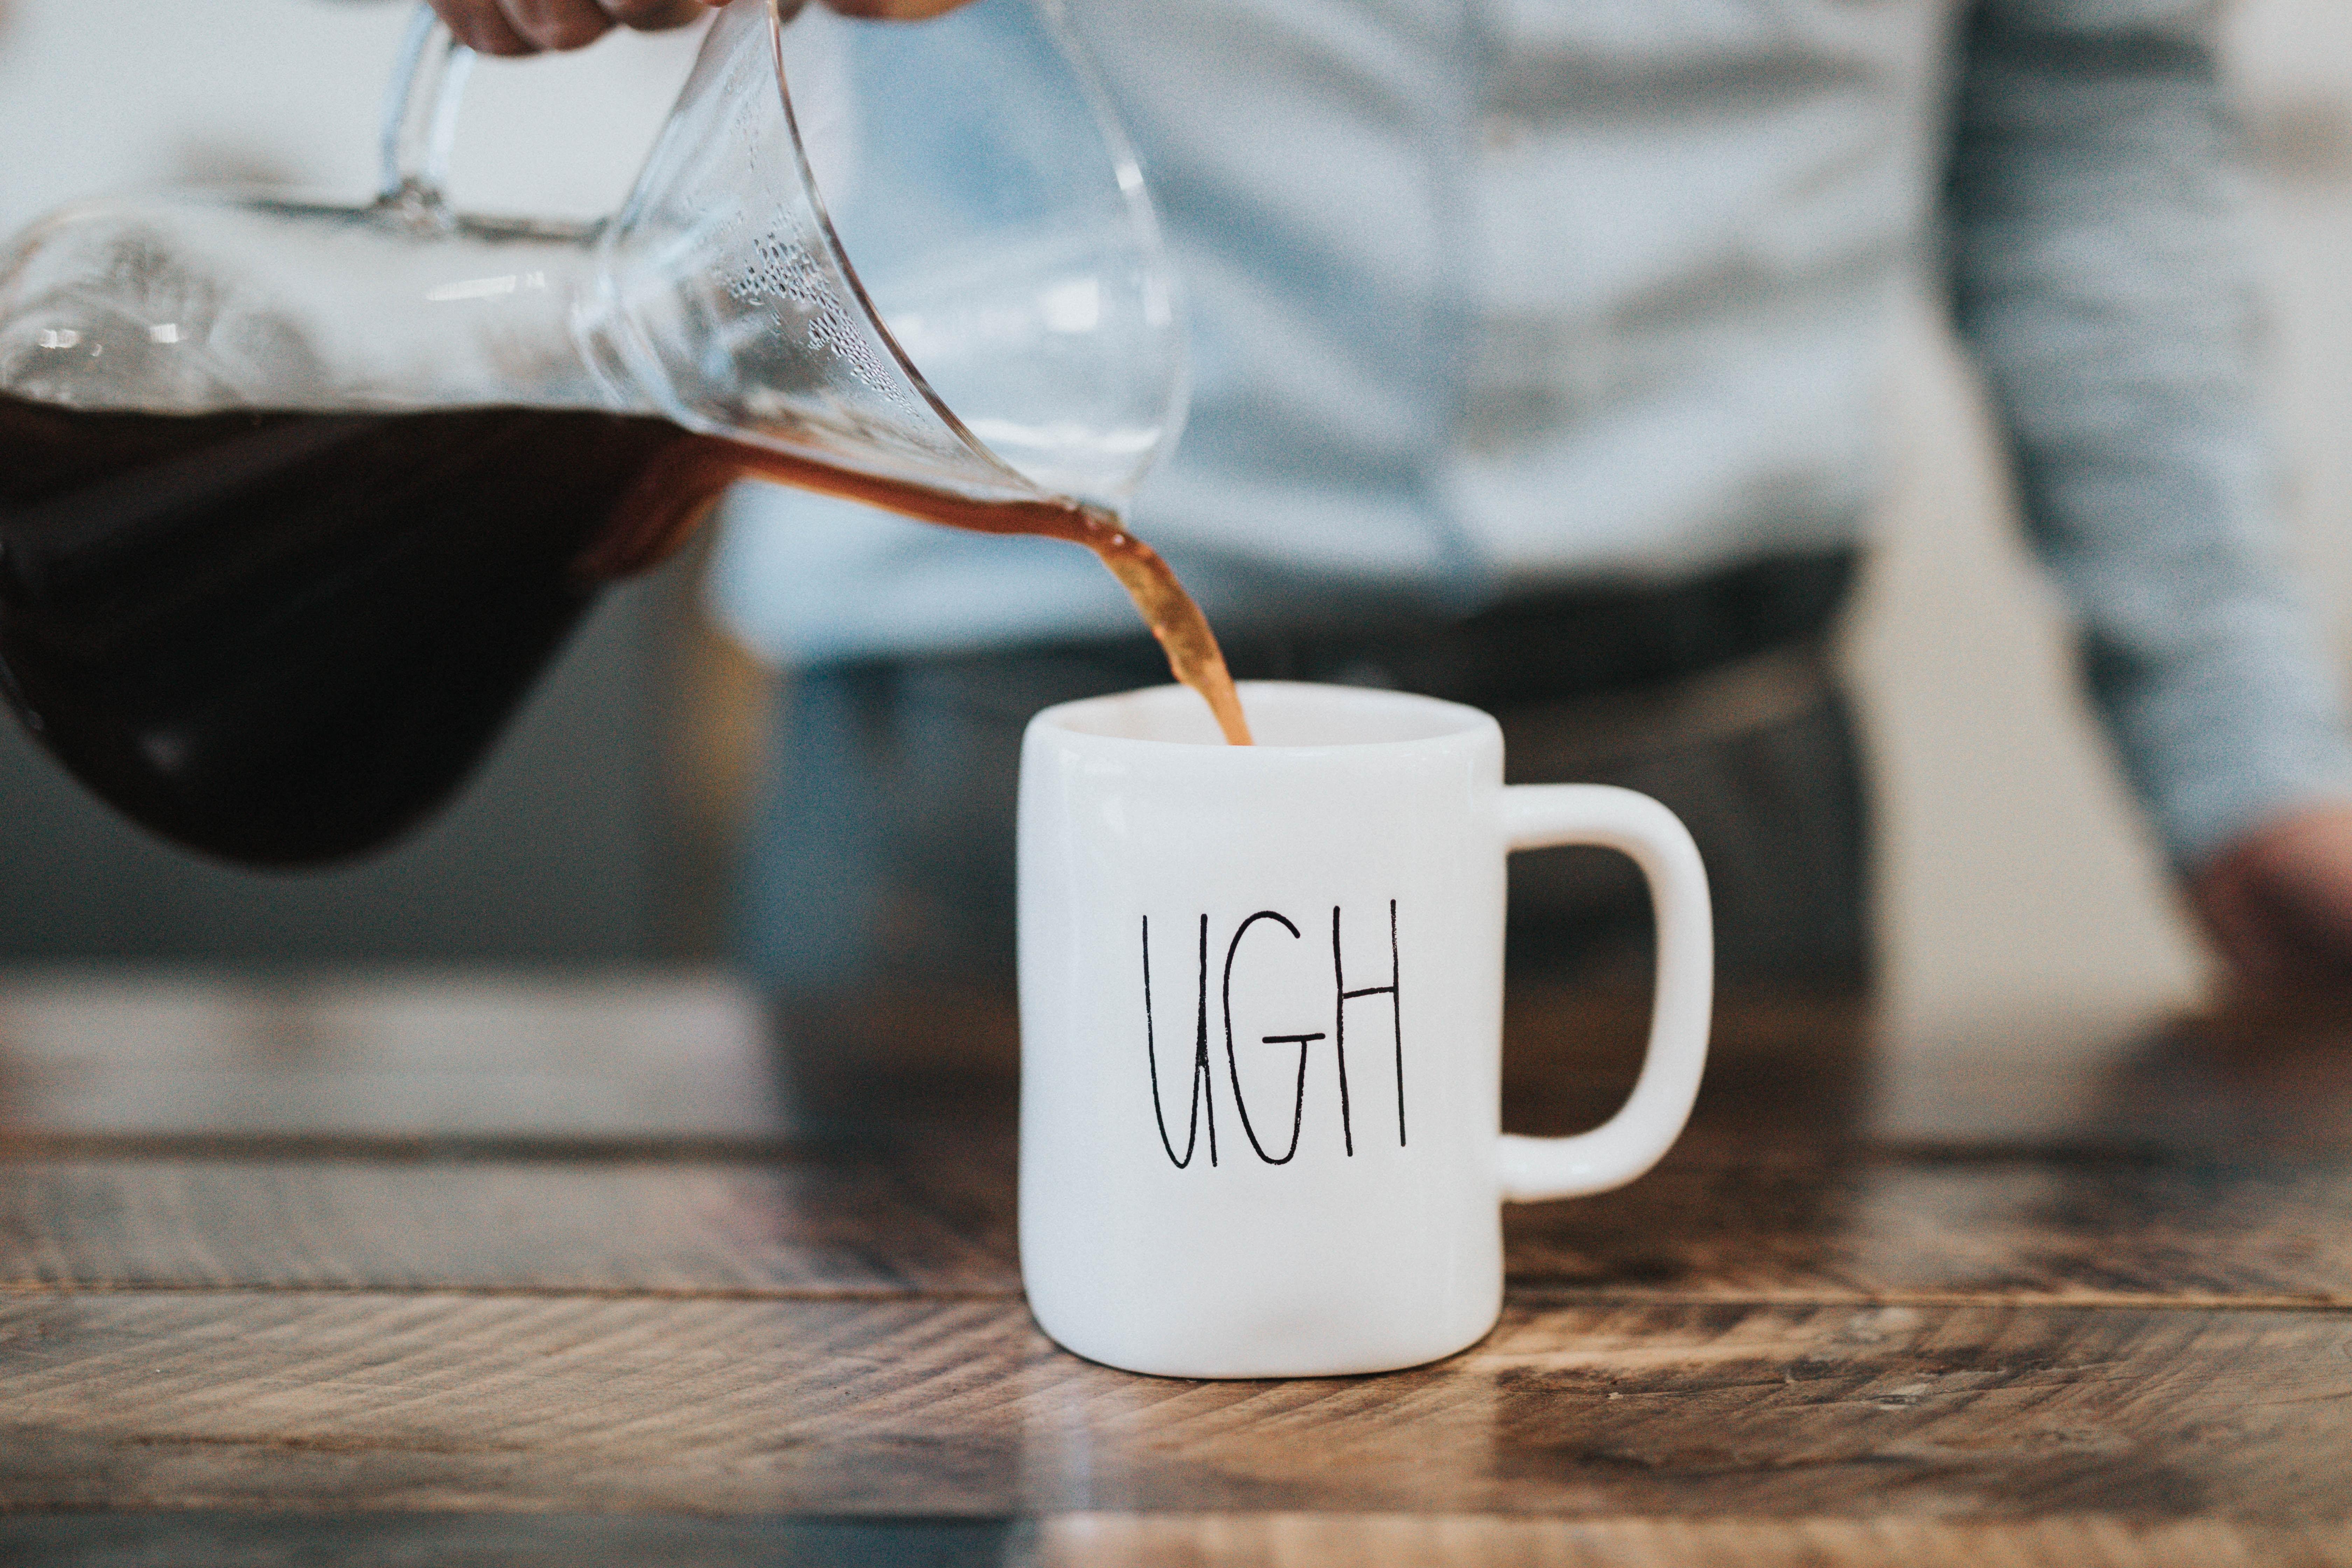 Jij wil toch ook uit de mooiste koffie beker drinken. Wij hebben de mooiste koffiebekers voor je op een rij gezet